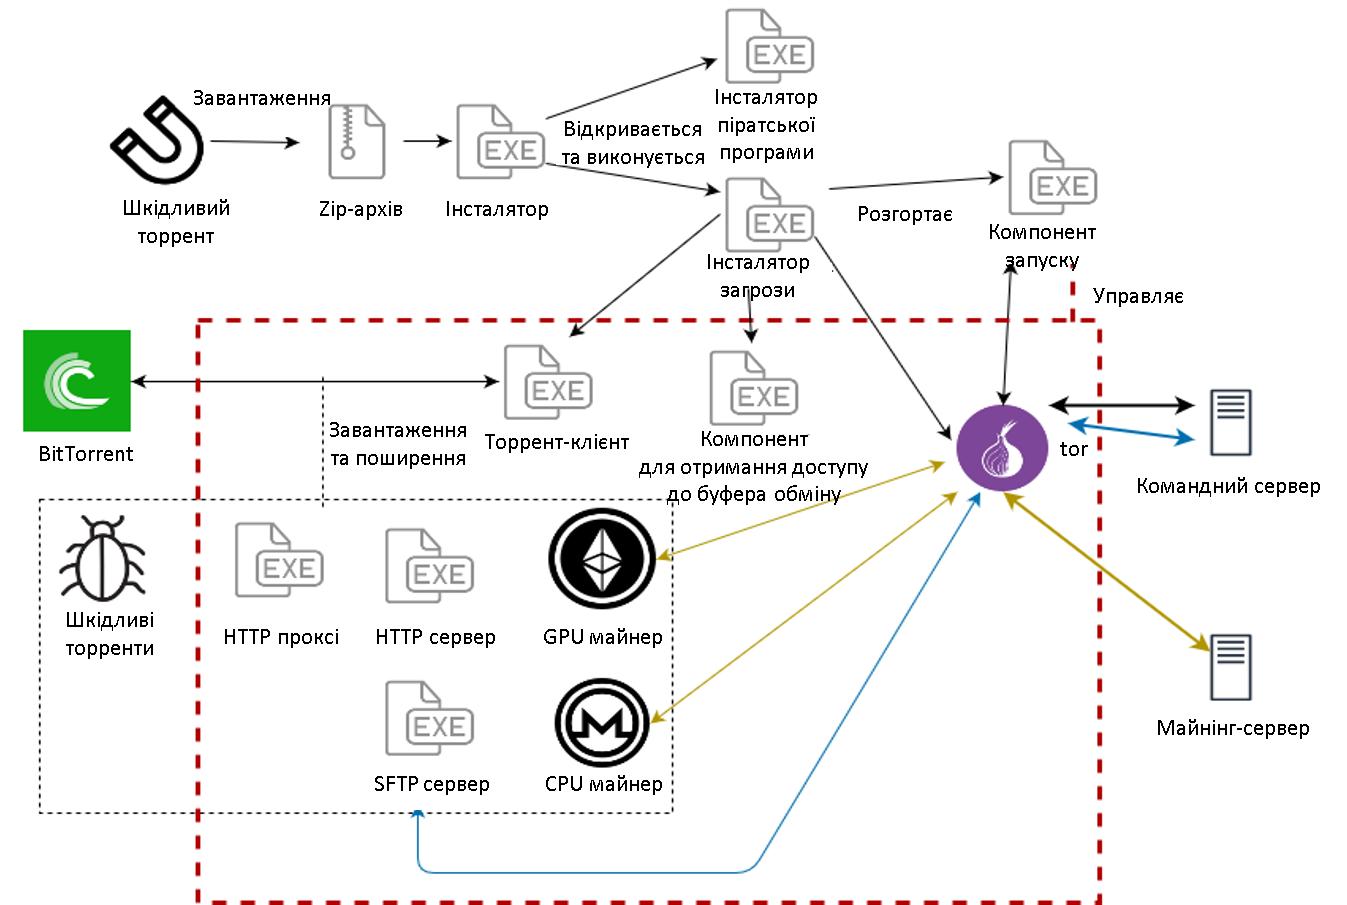 Аналіз проникнення KryptoCibule на пристрої жертв - дослідження ESET.